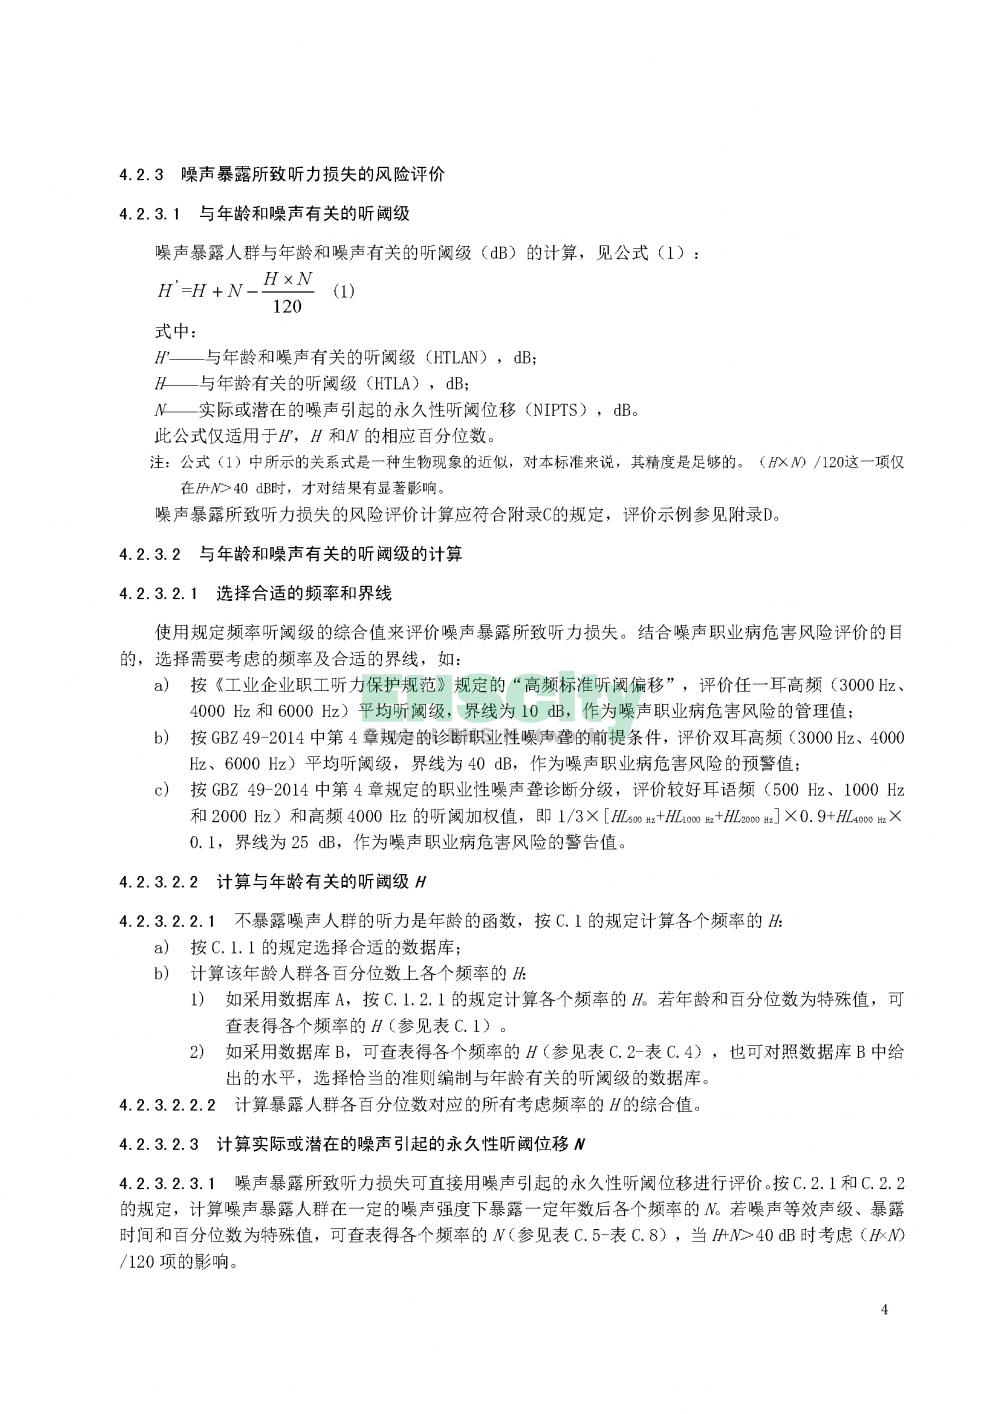 噪声职业病危害风险管理指南_页面_07